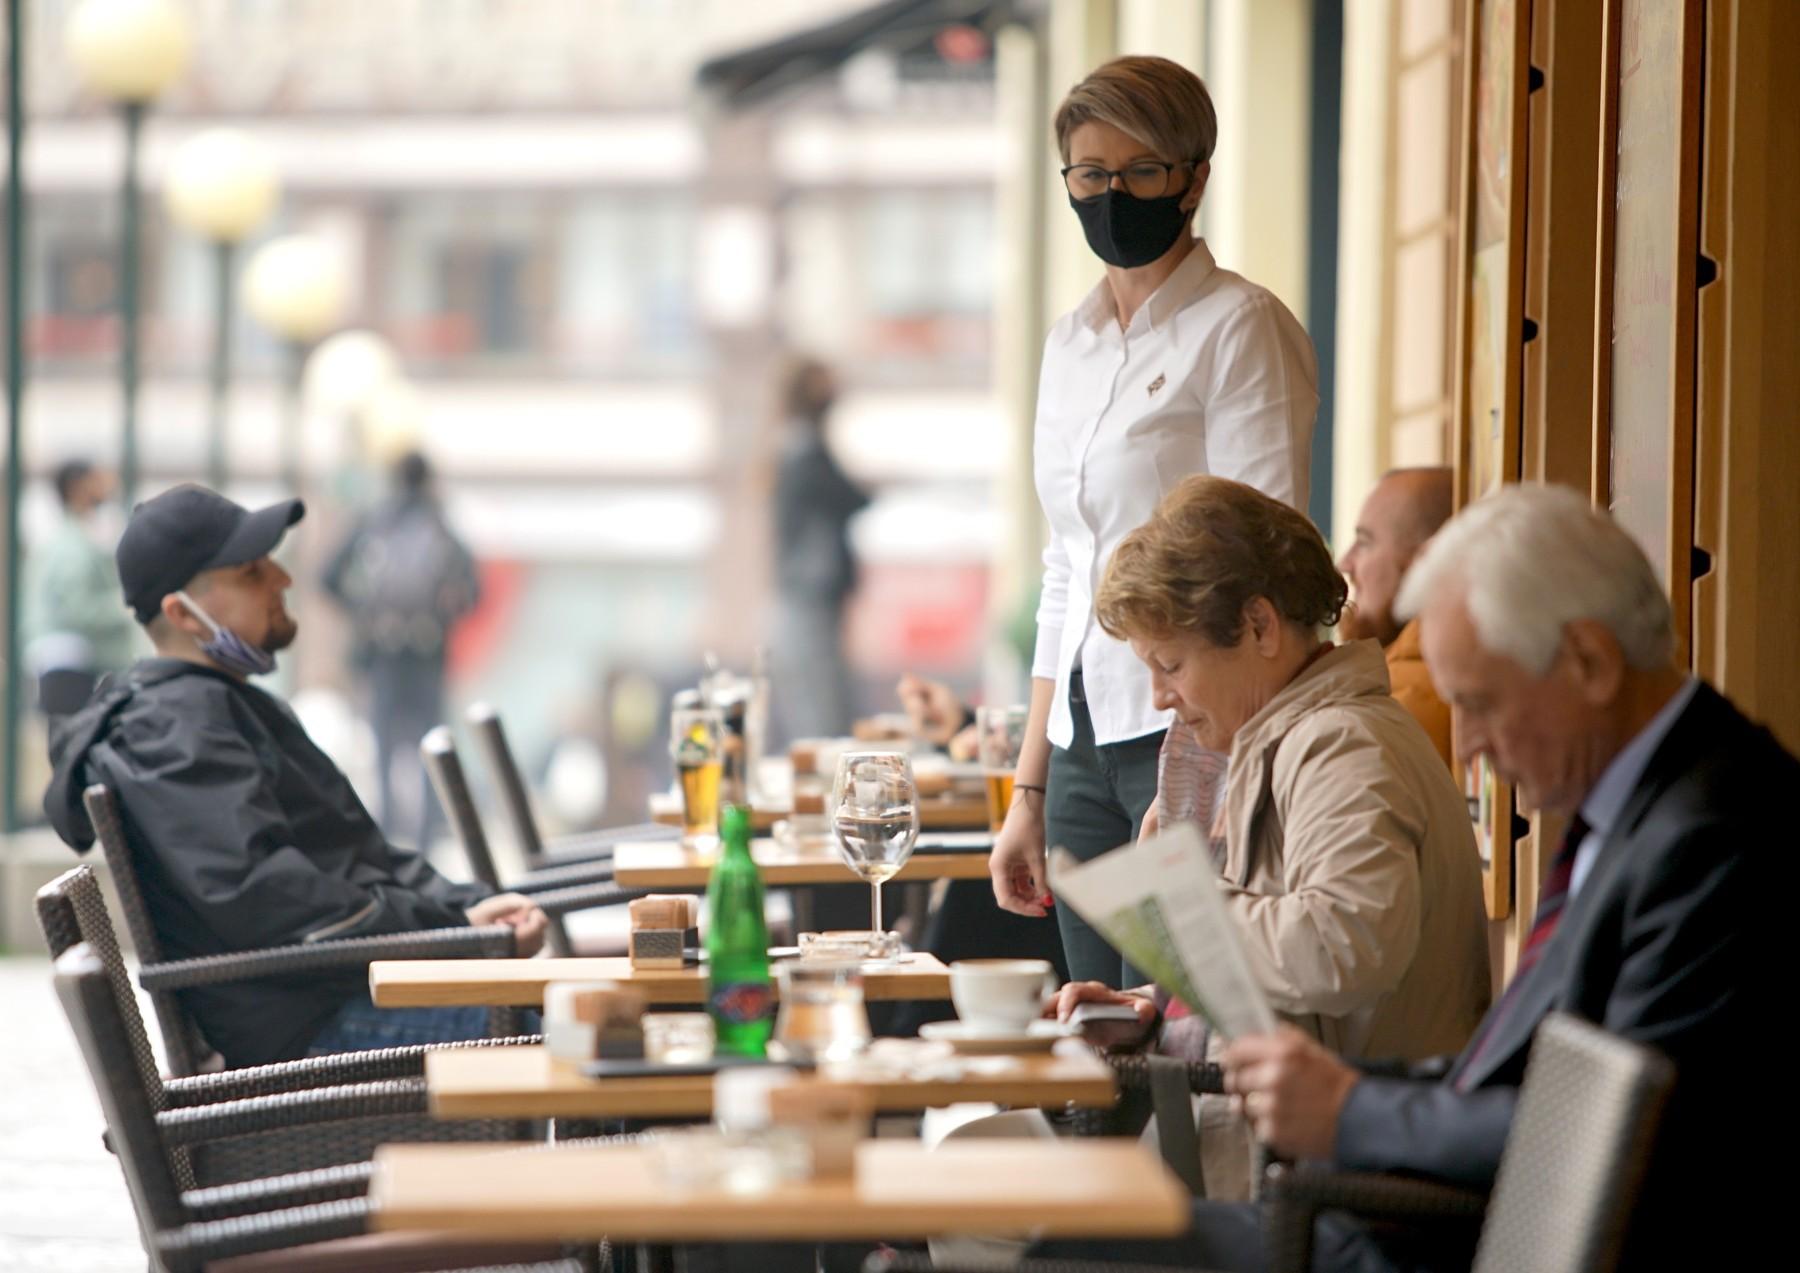 Noile reguli pentru terasele restaurantelor și barurilor. Ce trebuie să facă neapărat clienții